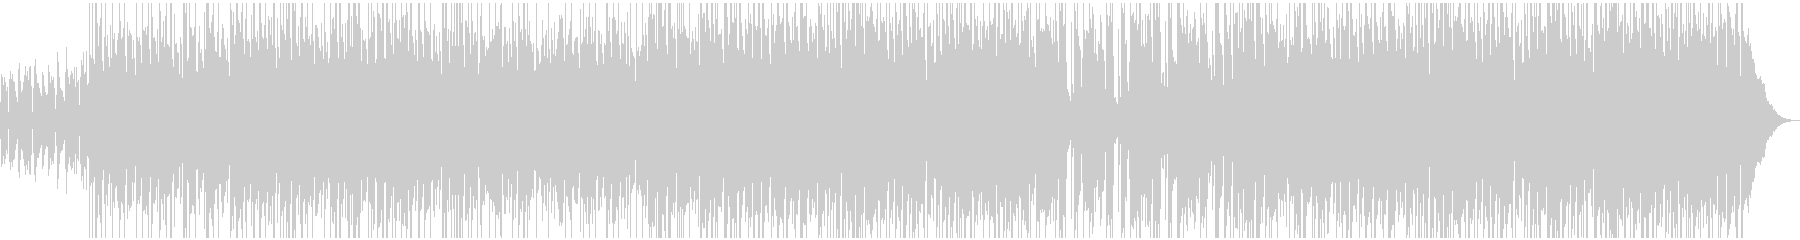 爽やかなアコギポップ(バンド編成)の未再生の波形